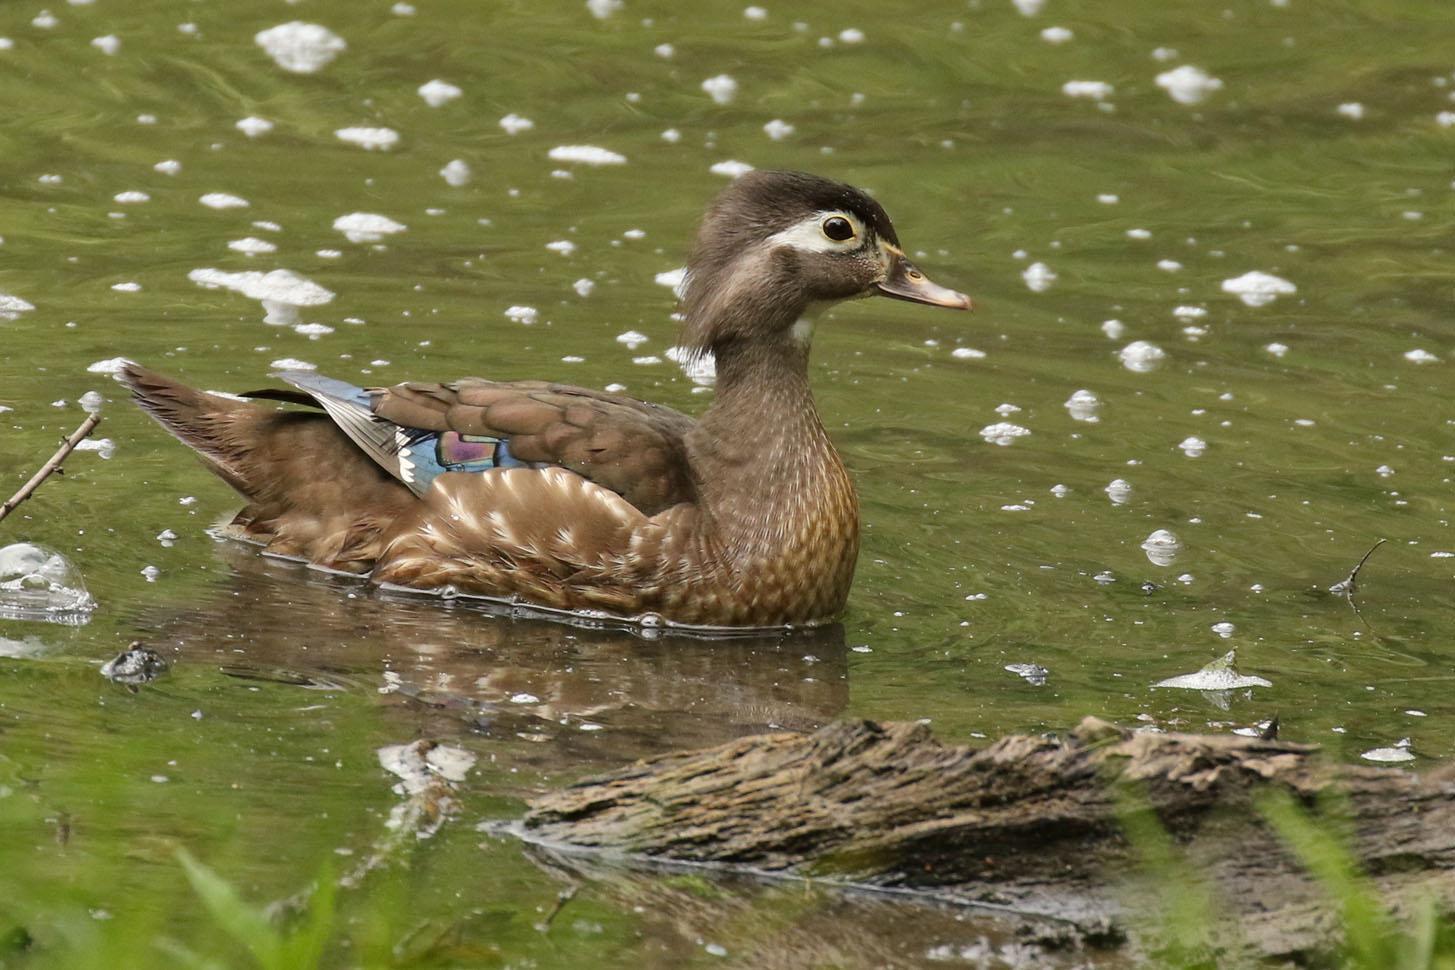 Wood Duck Photo by Kristy Baker